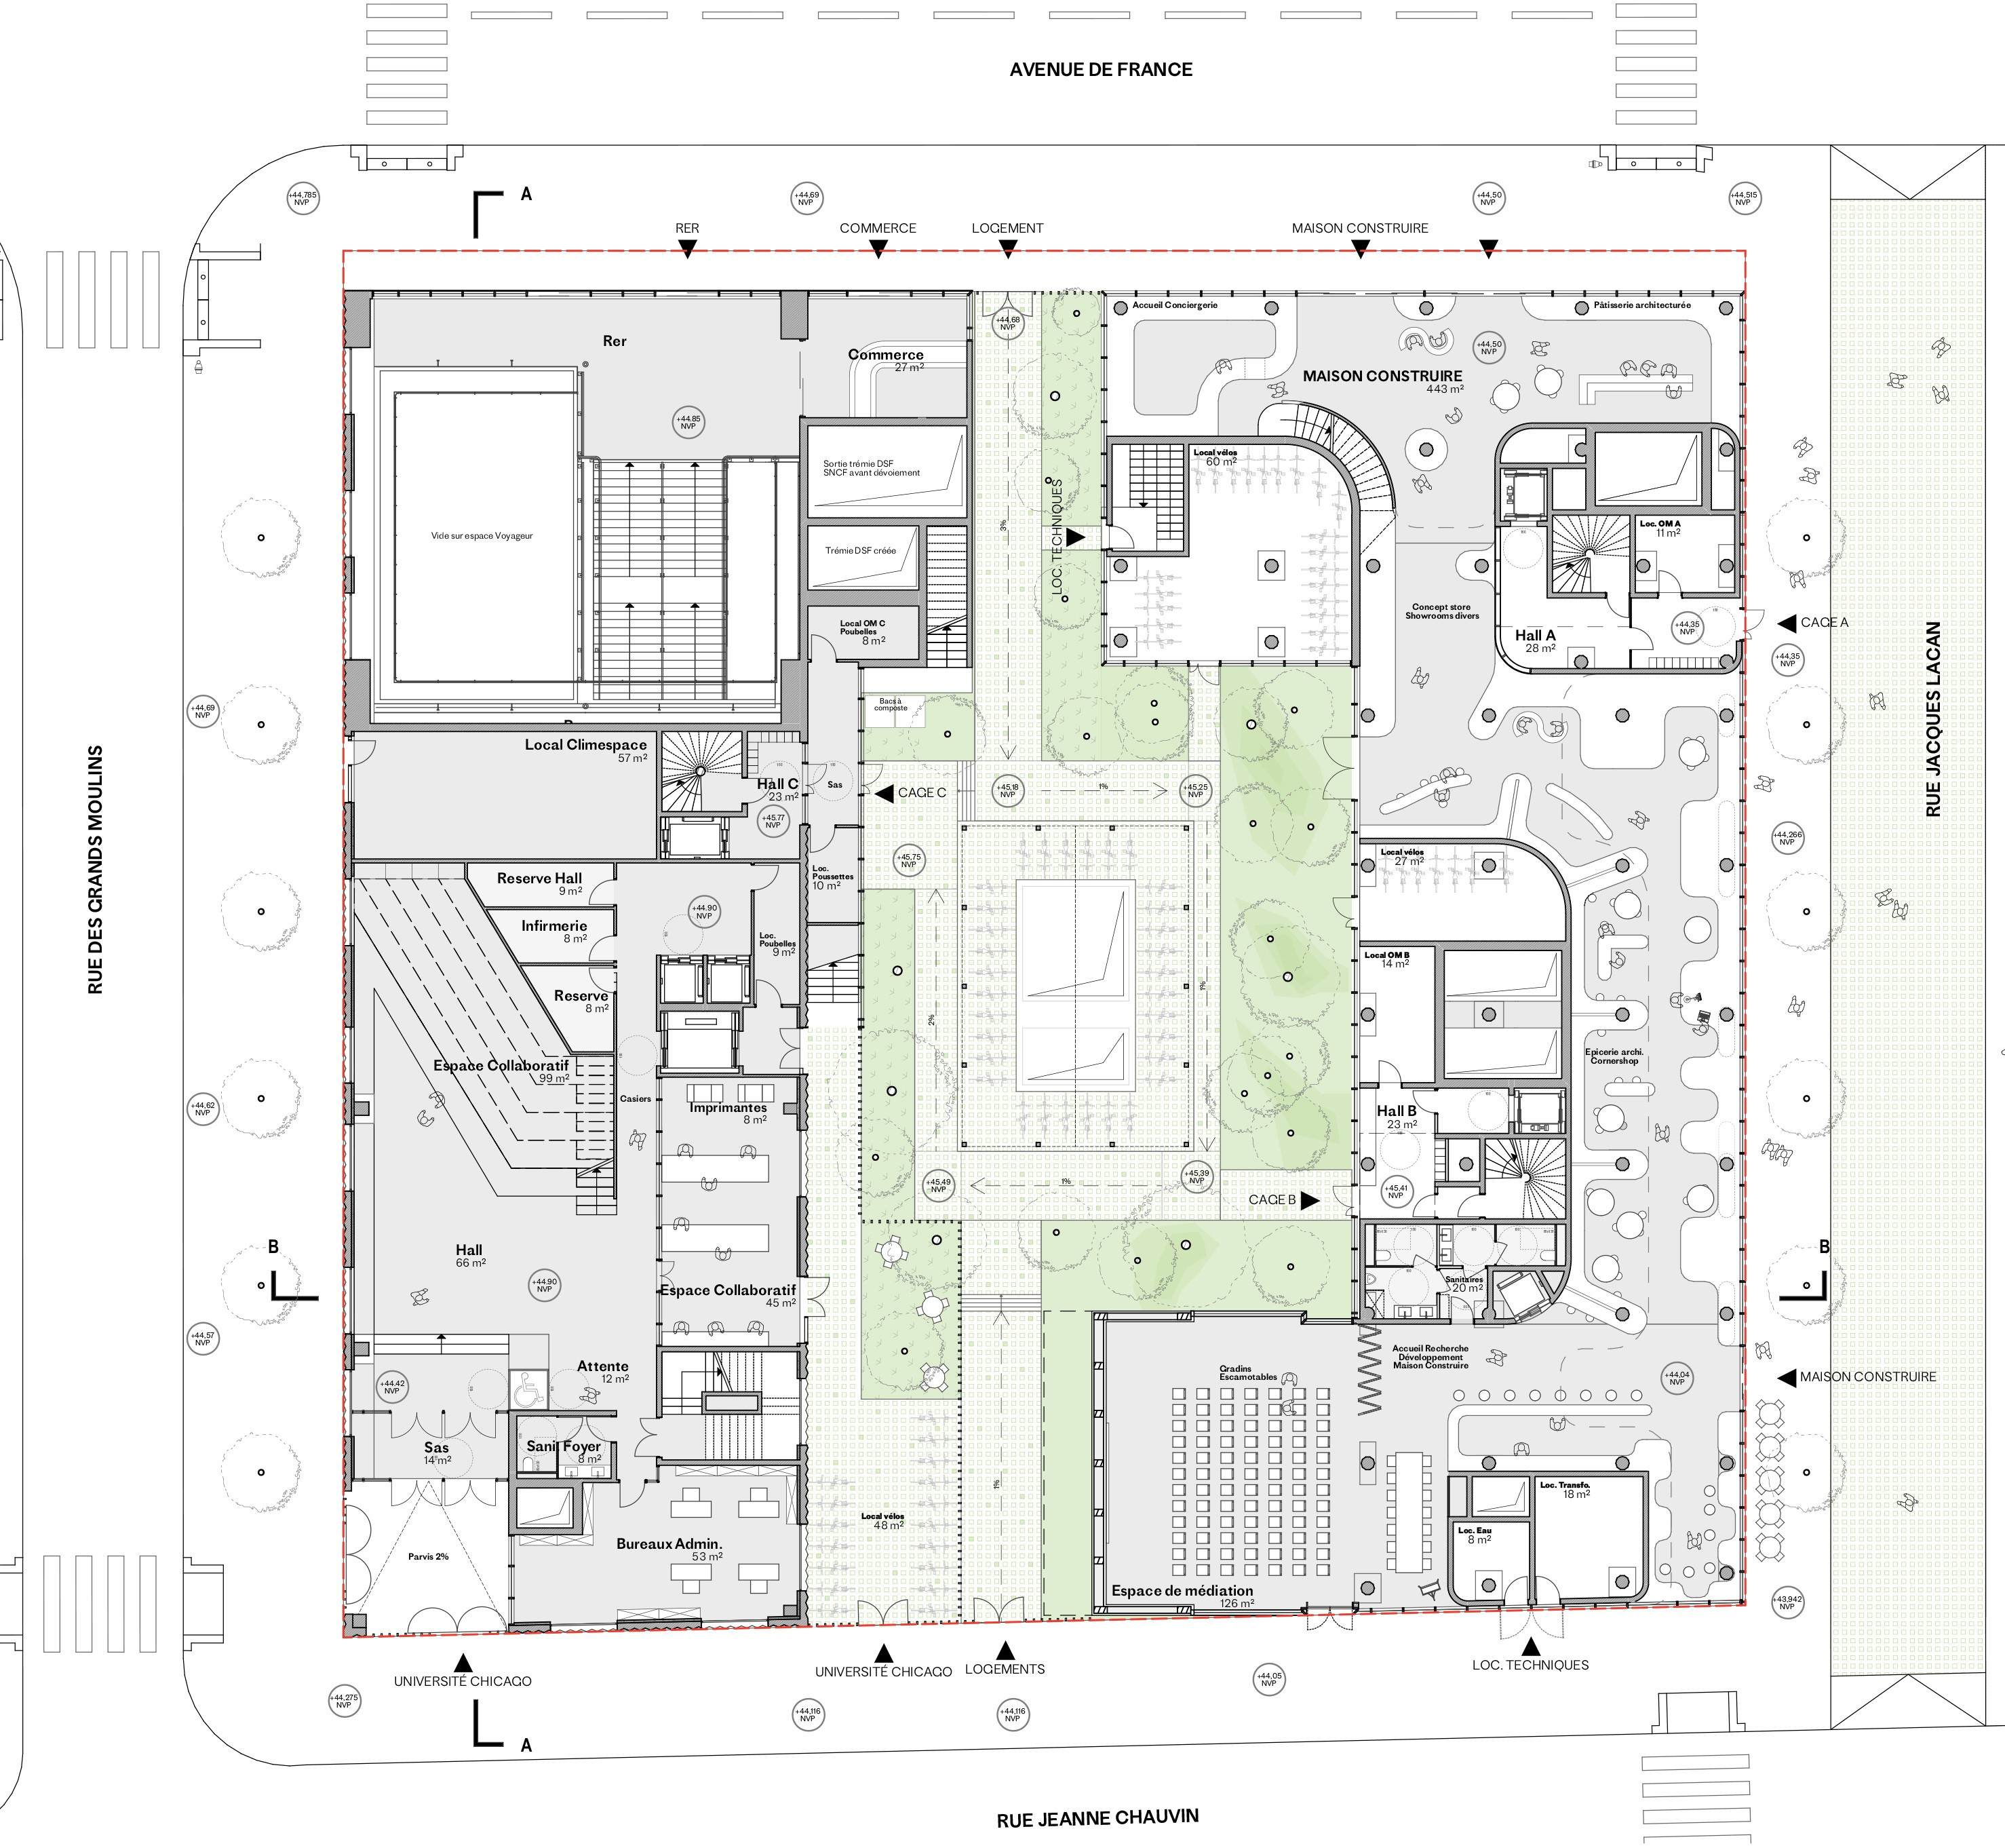 Marin + Trottin Architectes / Projet Maison/Construire